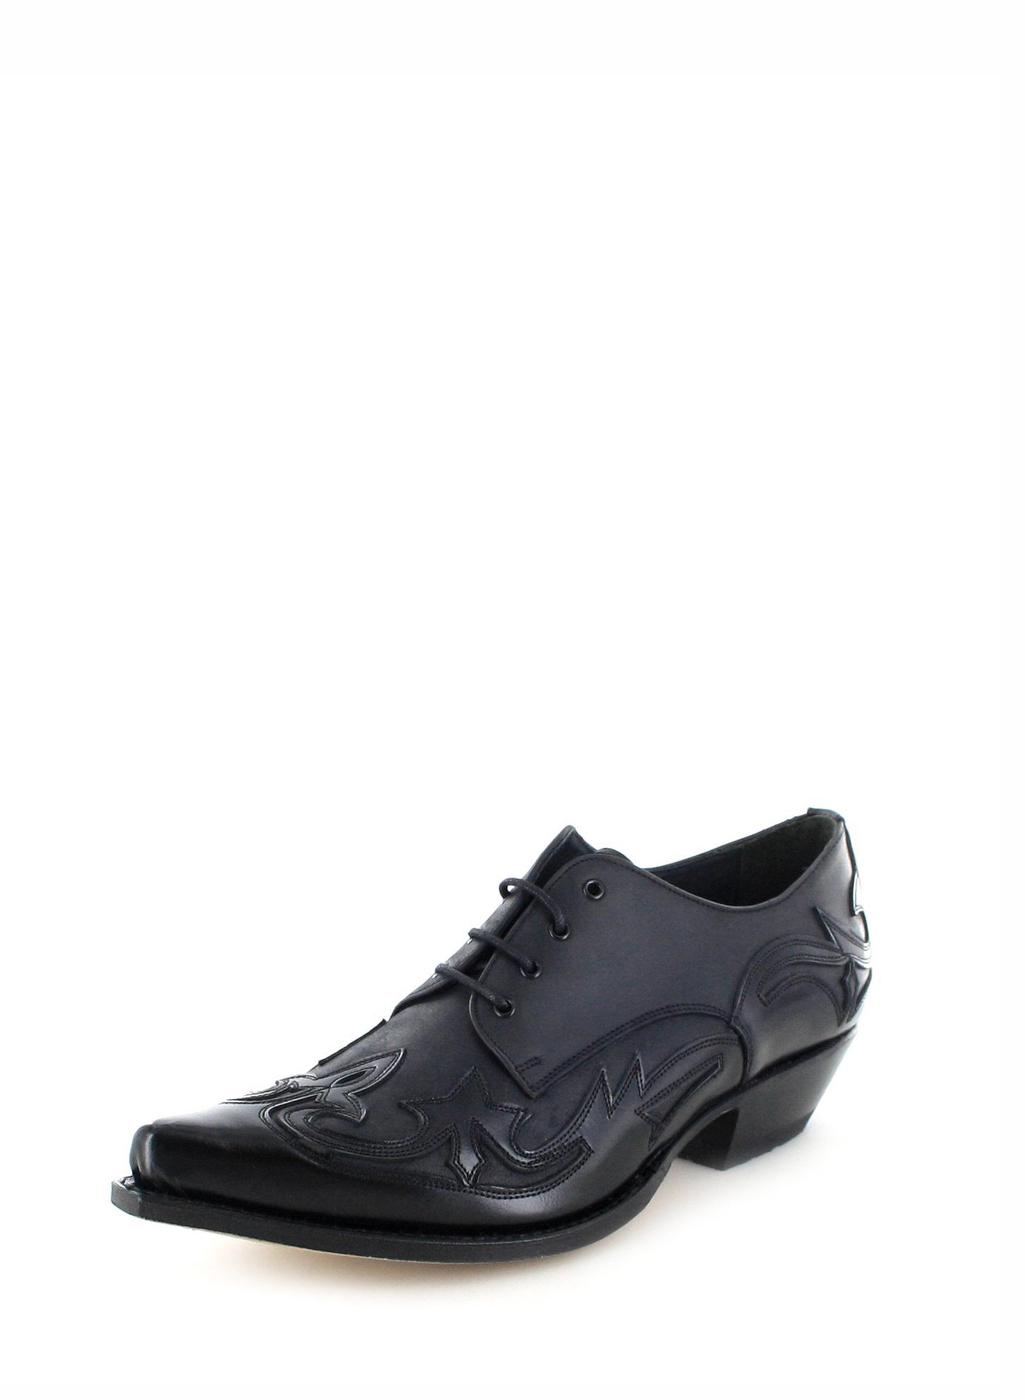 Sendra Boots 10066 Negro Western Schnürschuh - schwarz